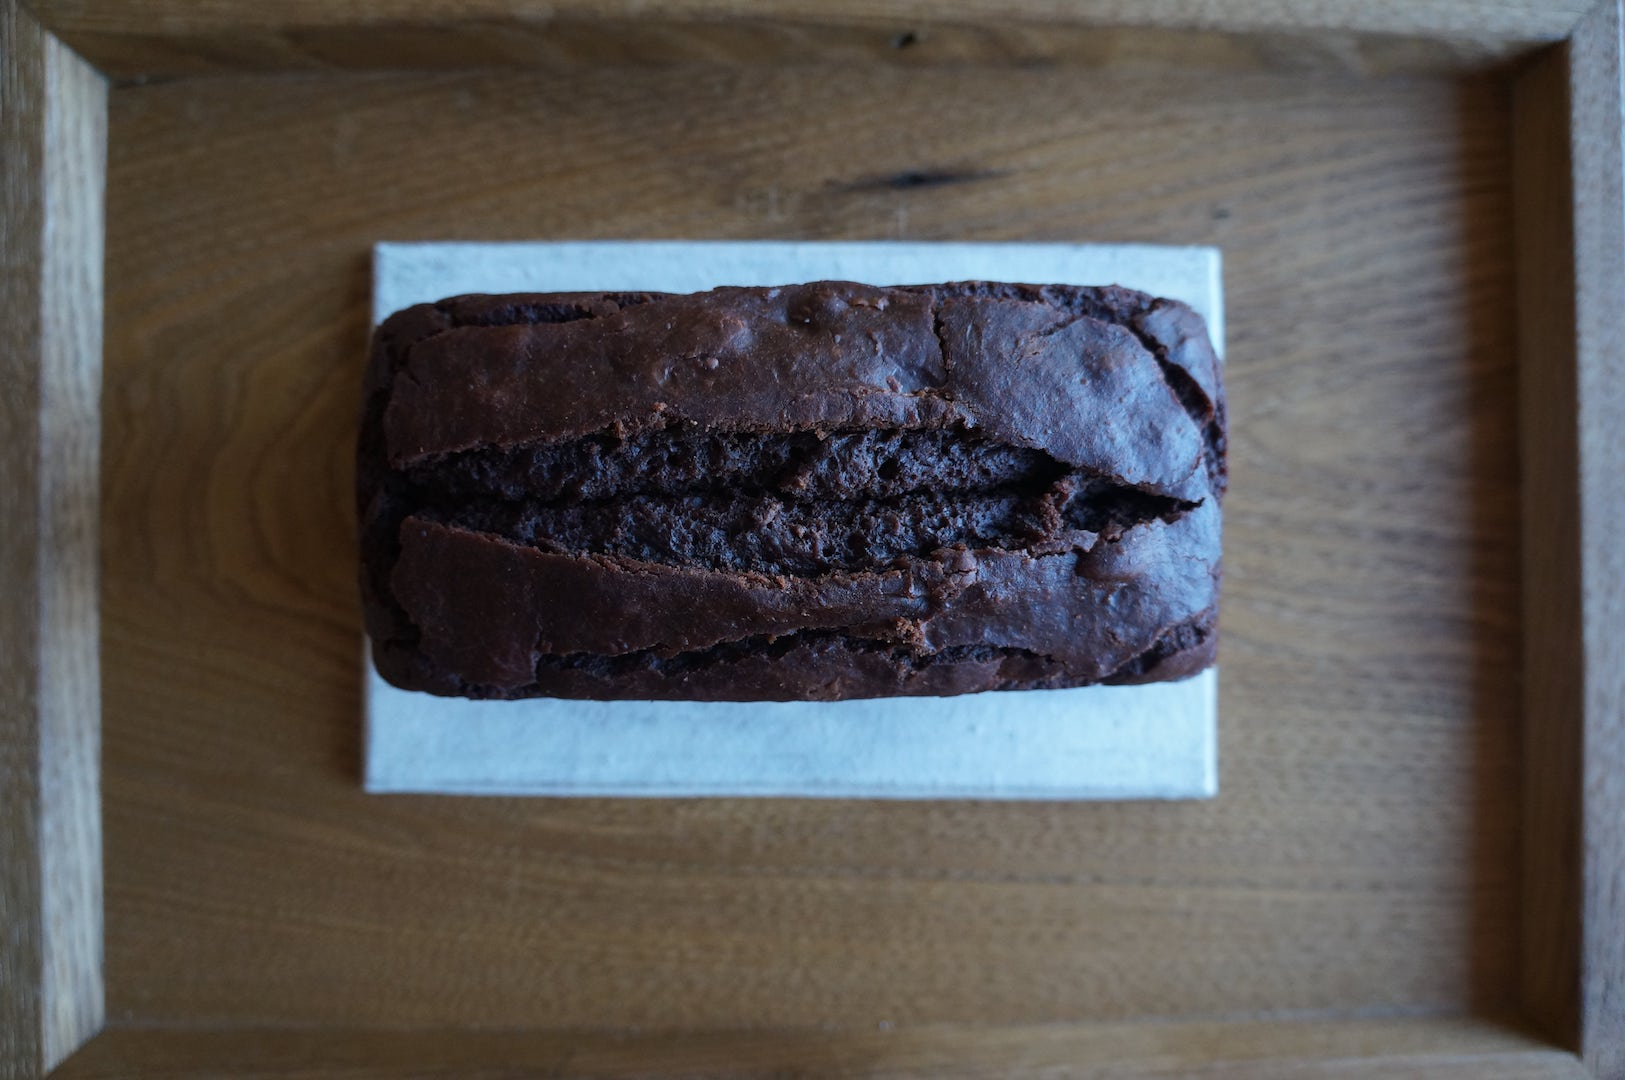 グルテンフリー 濃厚&ビターリッチチョコケーキ